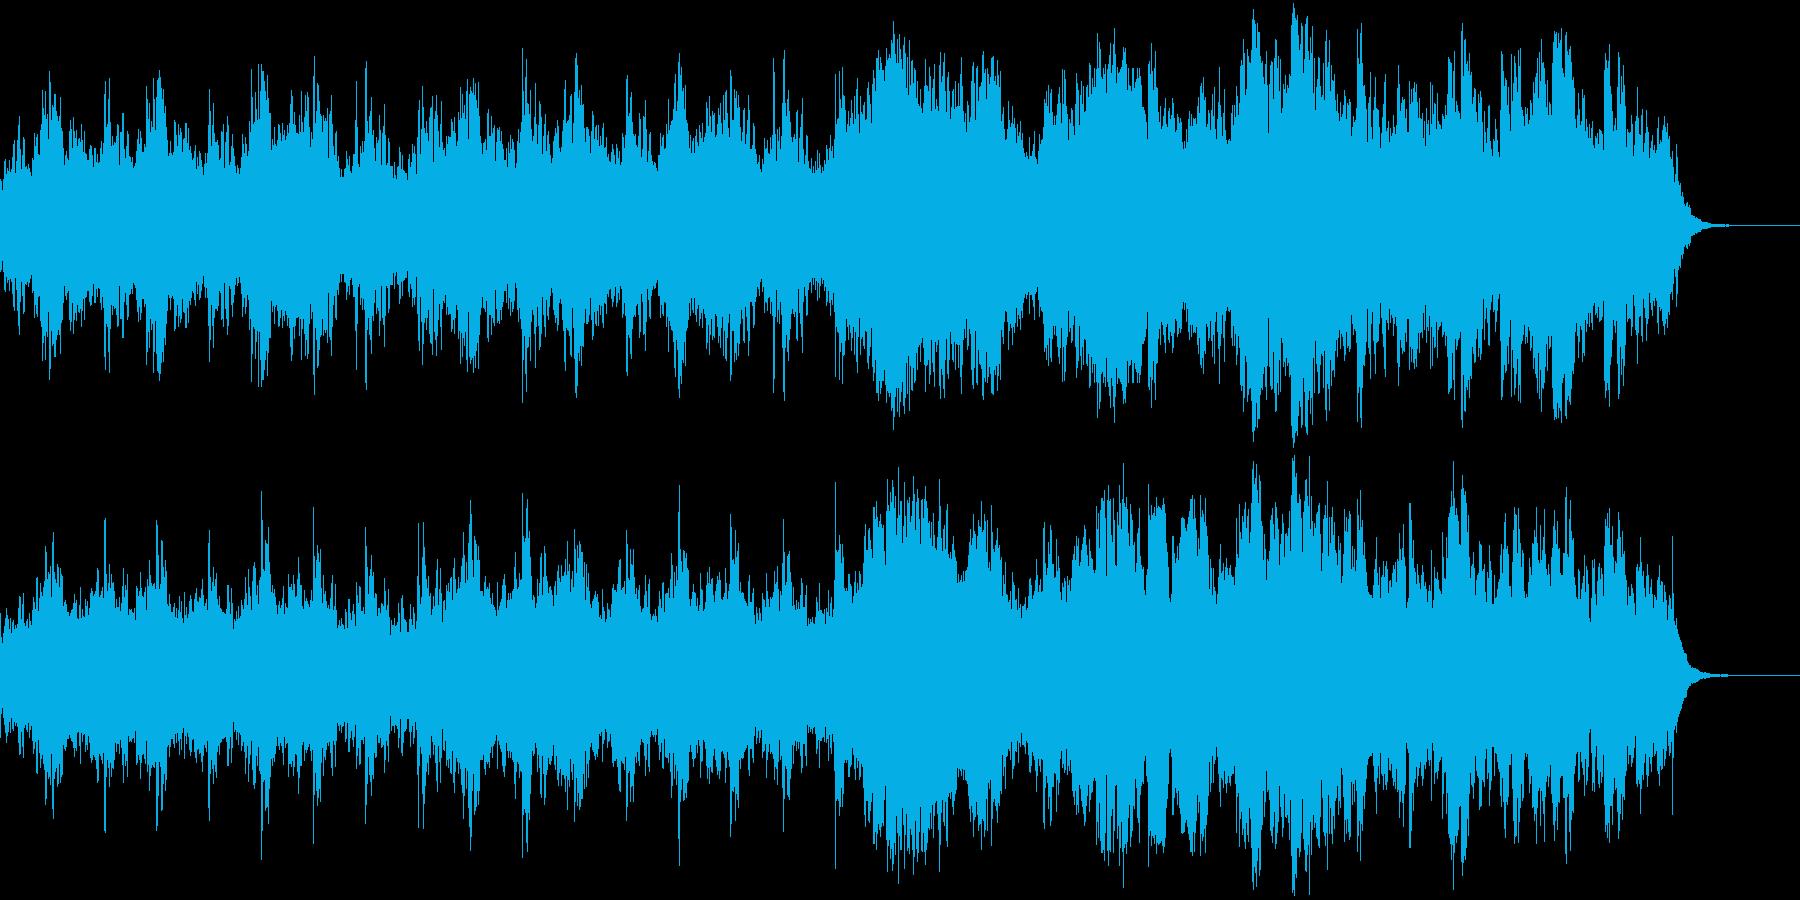 感動コーラスの再生済みの波形